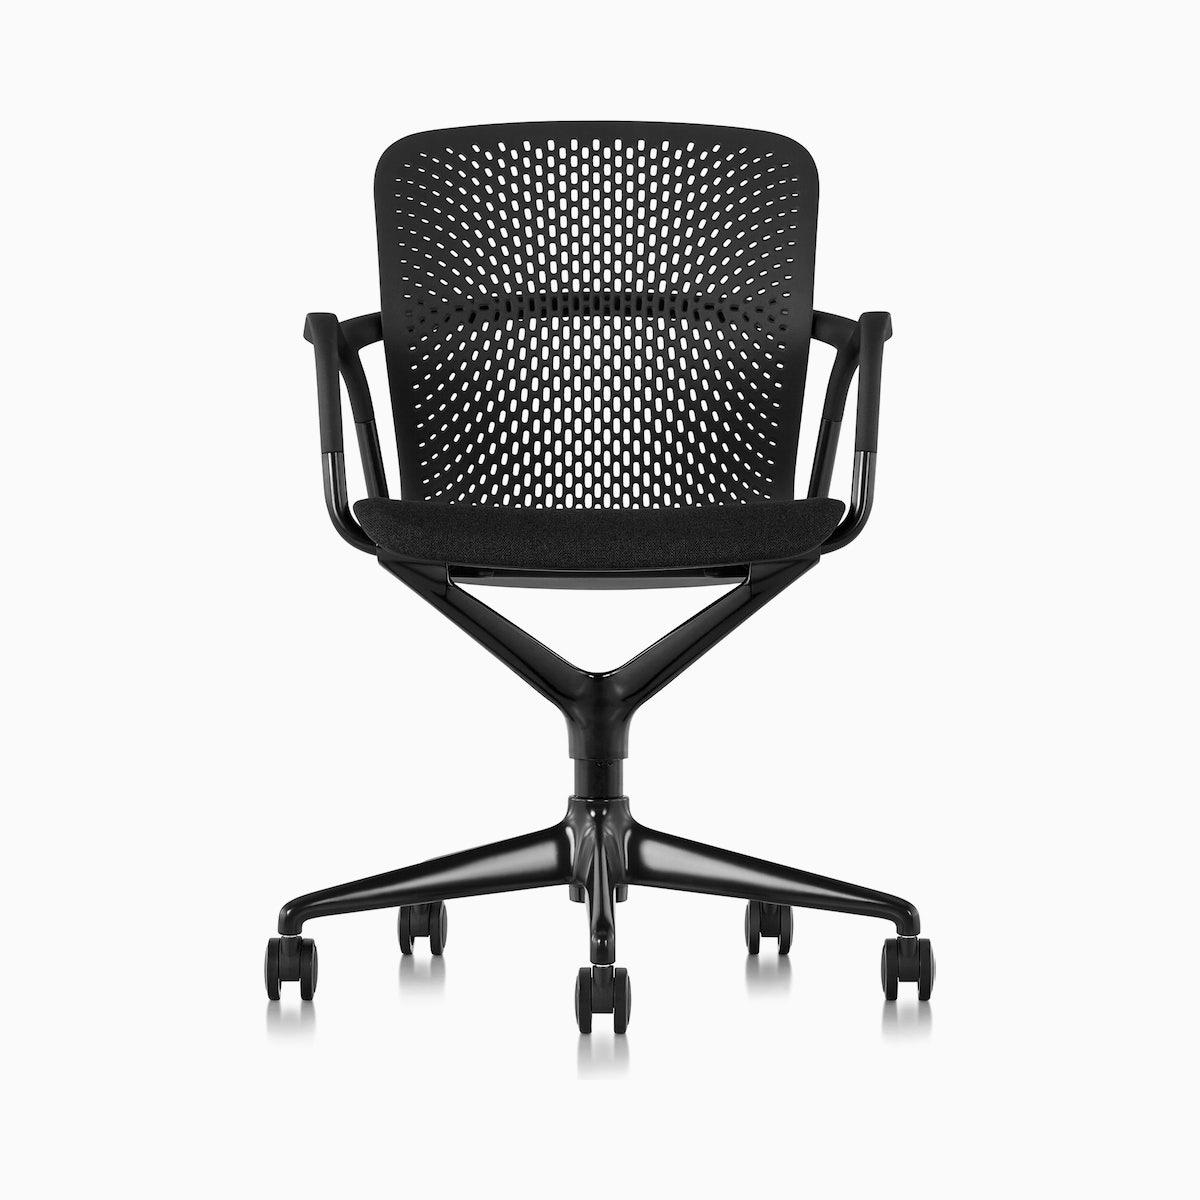 Keyn 5 Star Chair